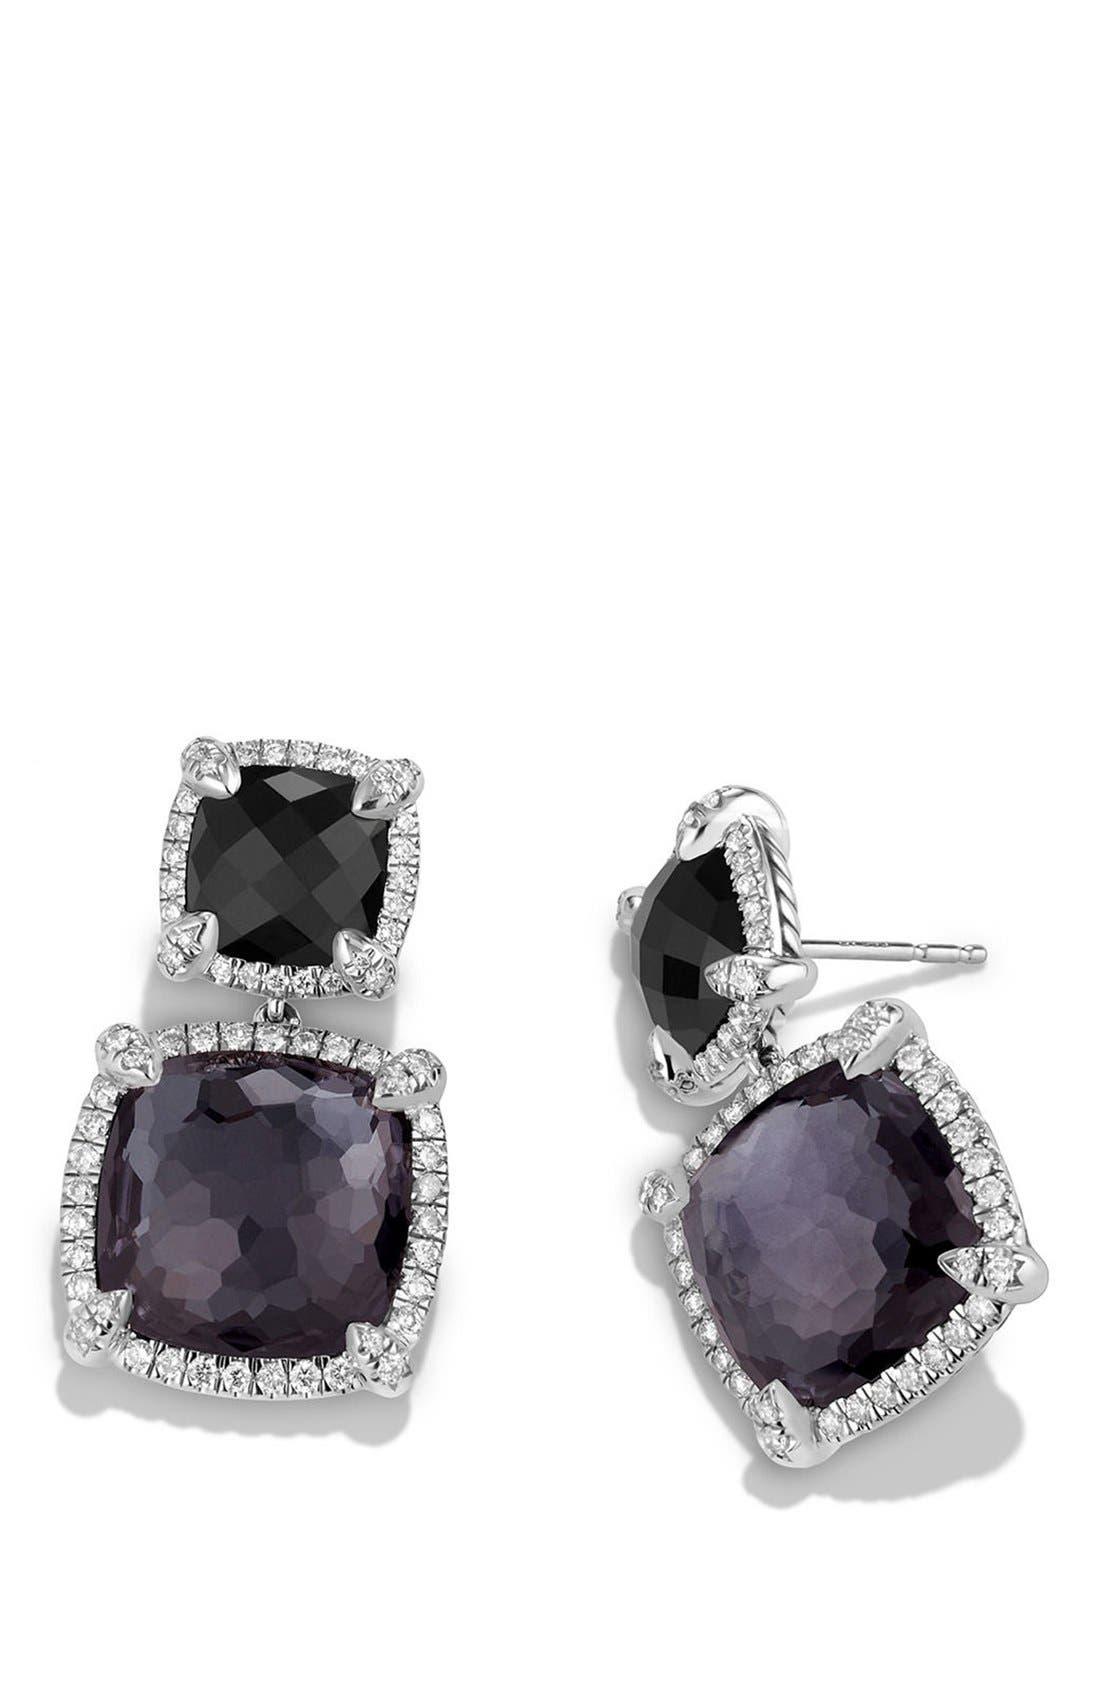 'Châtelaine' Pavé Bezel Double Drop Earrings with Diamonds,                             Alternate thumbnail 3, color,                             BLACK ONYX